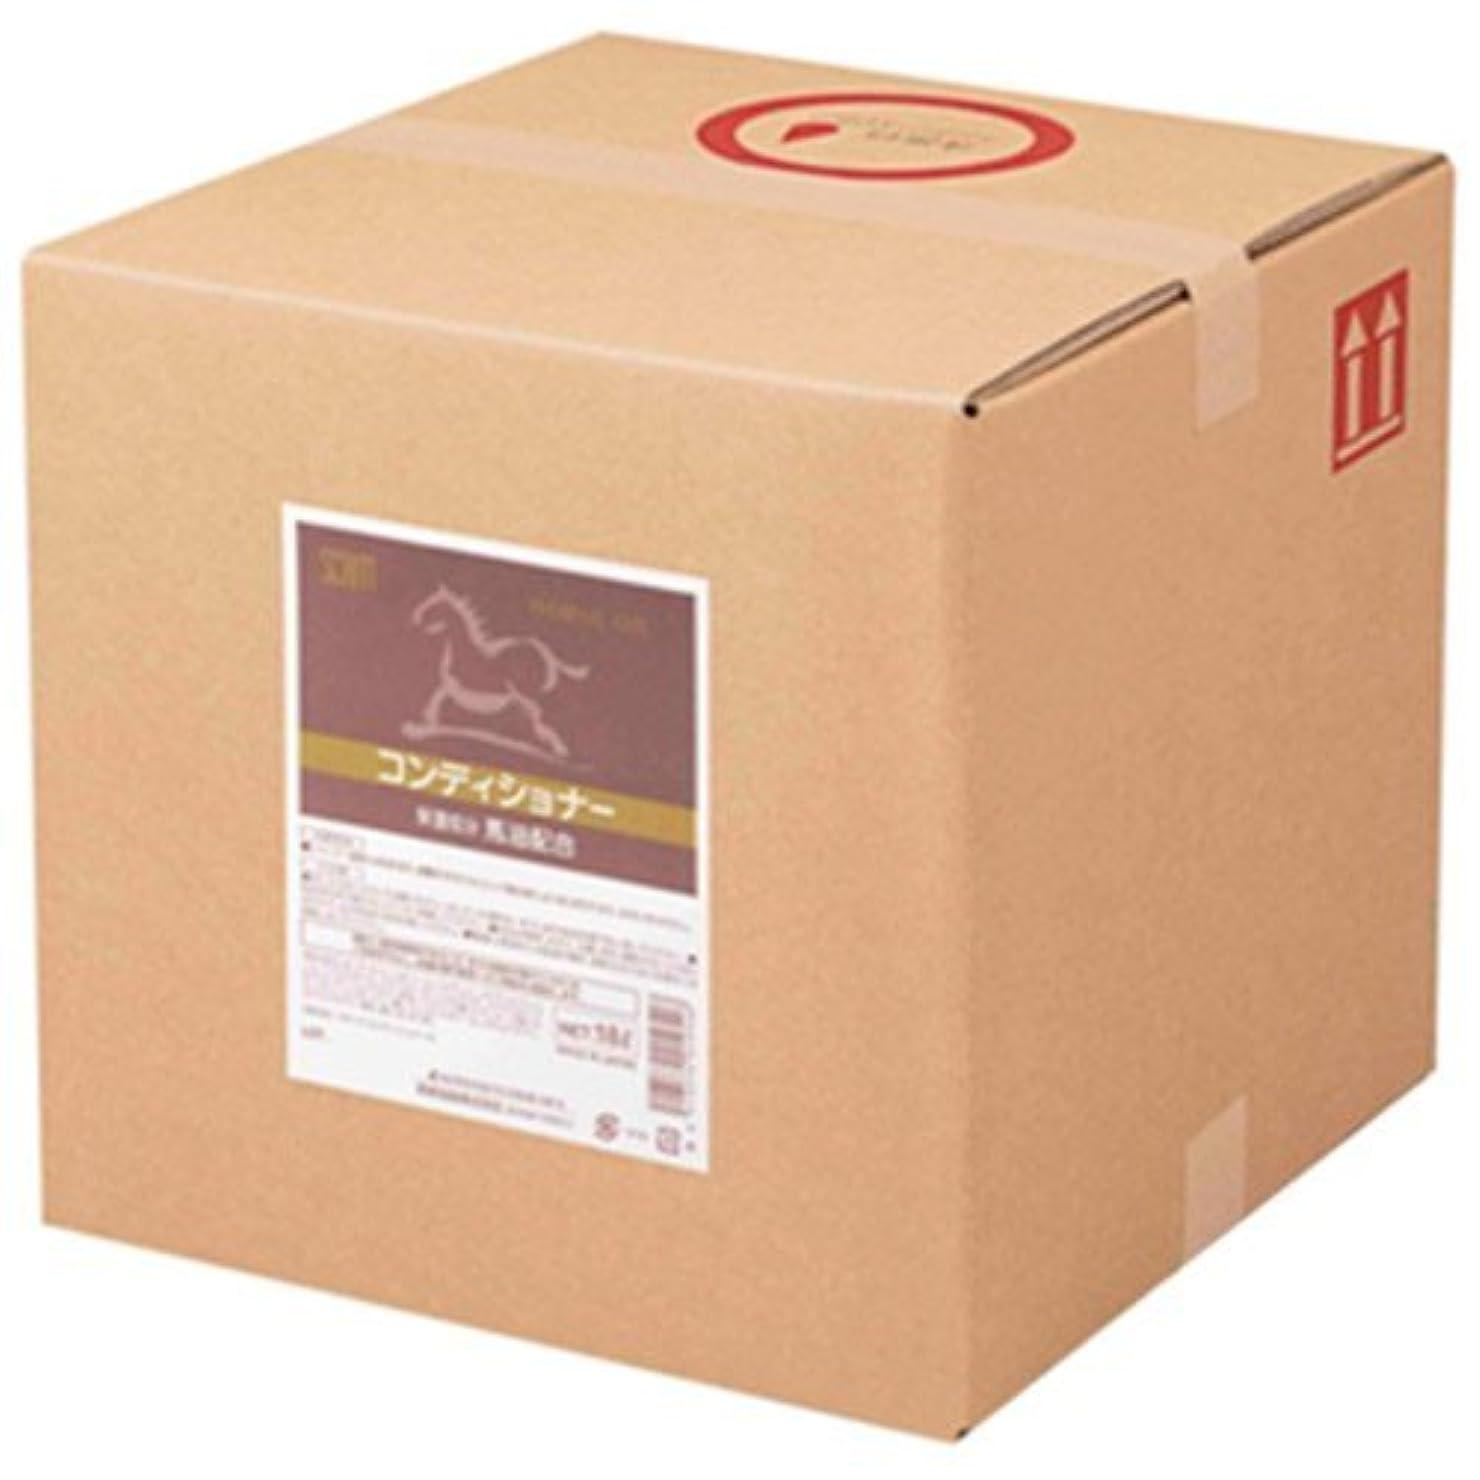 ビール時間誓い業務用 SCRITT(スクリット) 馬油コンディショナー 18L 熊野油脂 (コック無し)